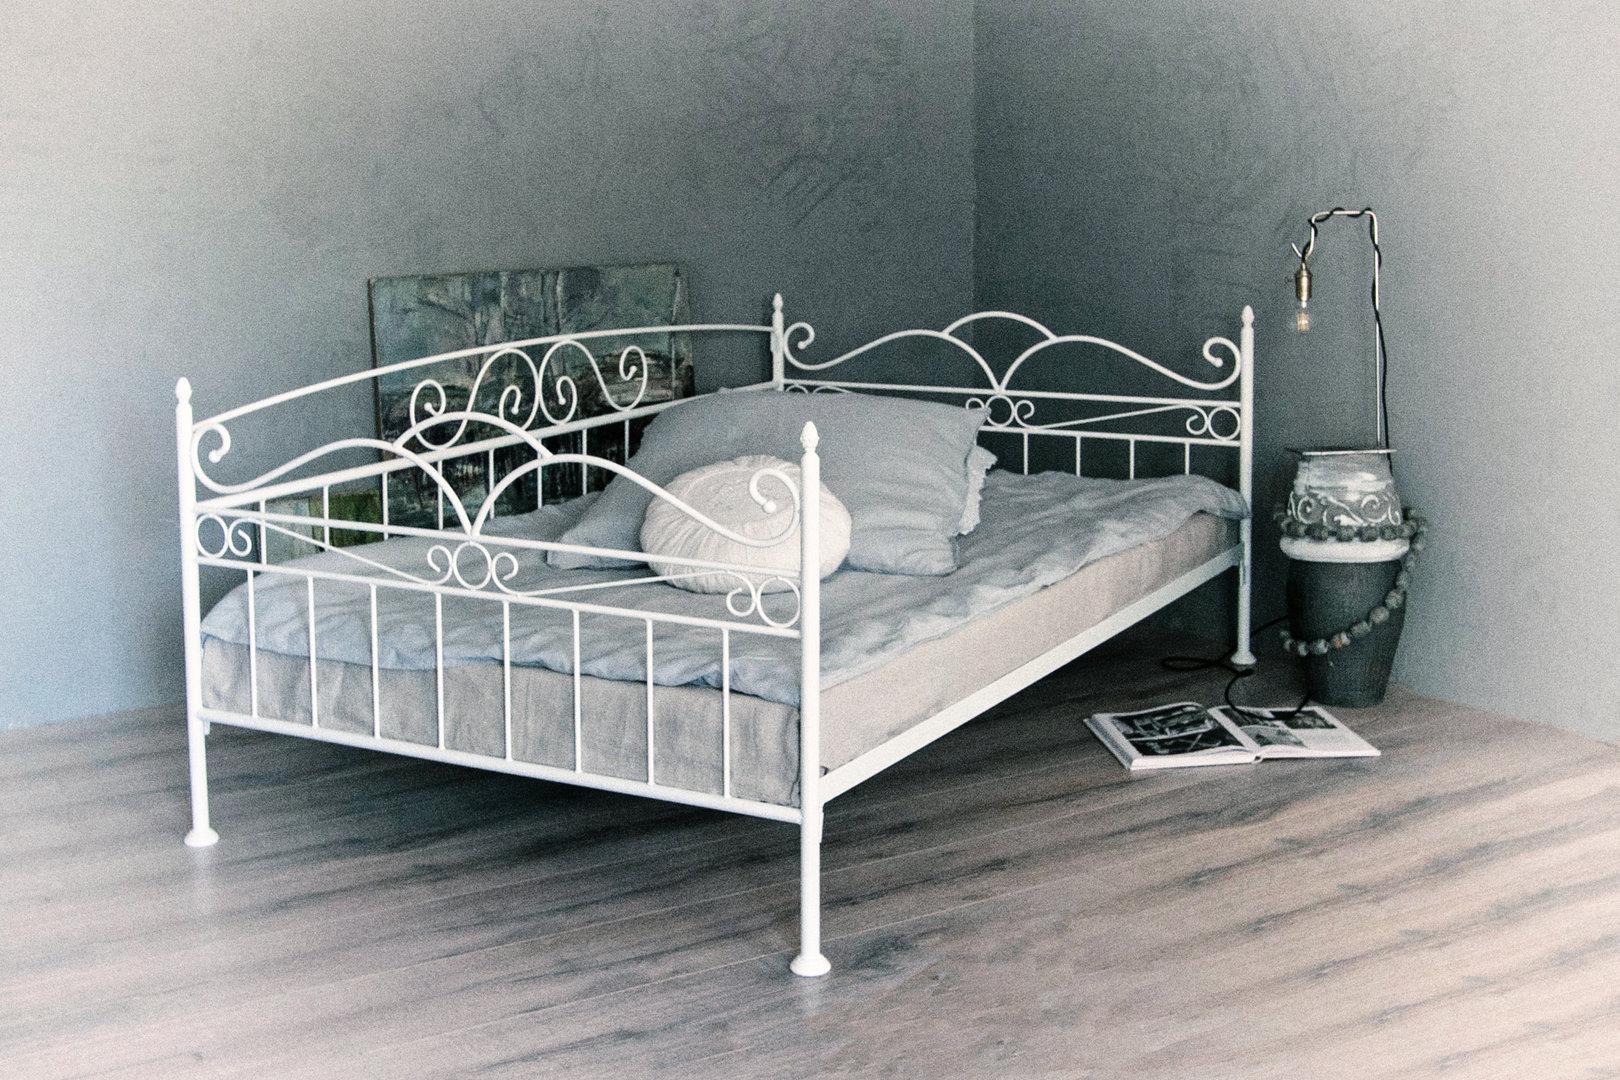 Full Size of Trend Sofa Bett 120x200 In Weiss Ecru Transparent Kupfer Mit Matratze Und Lattenrost Betten Weiß Bettkasten Wohnzimmer Bettgestell 120x200